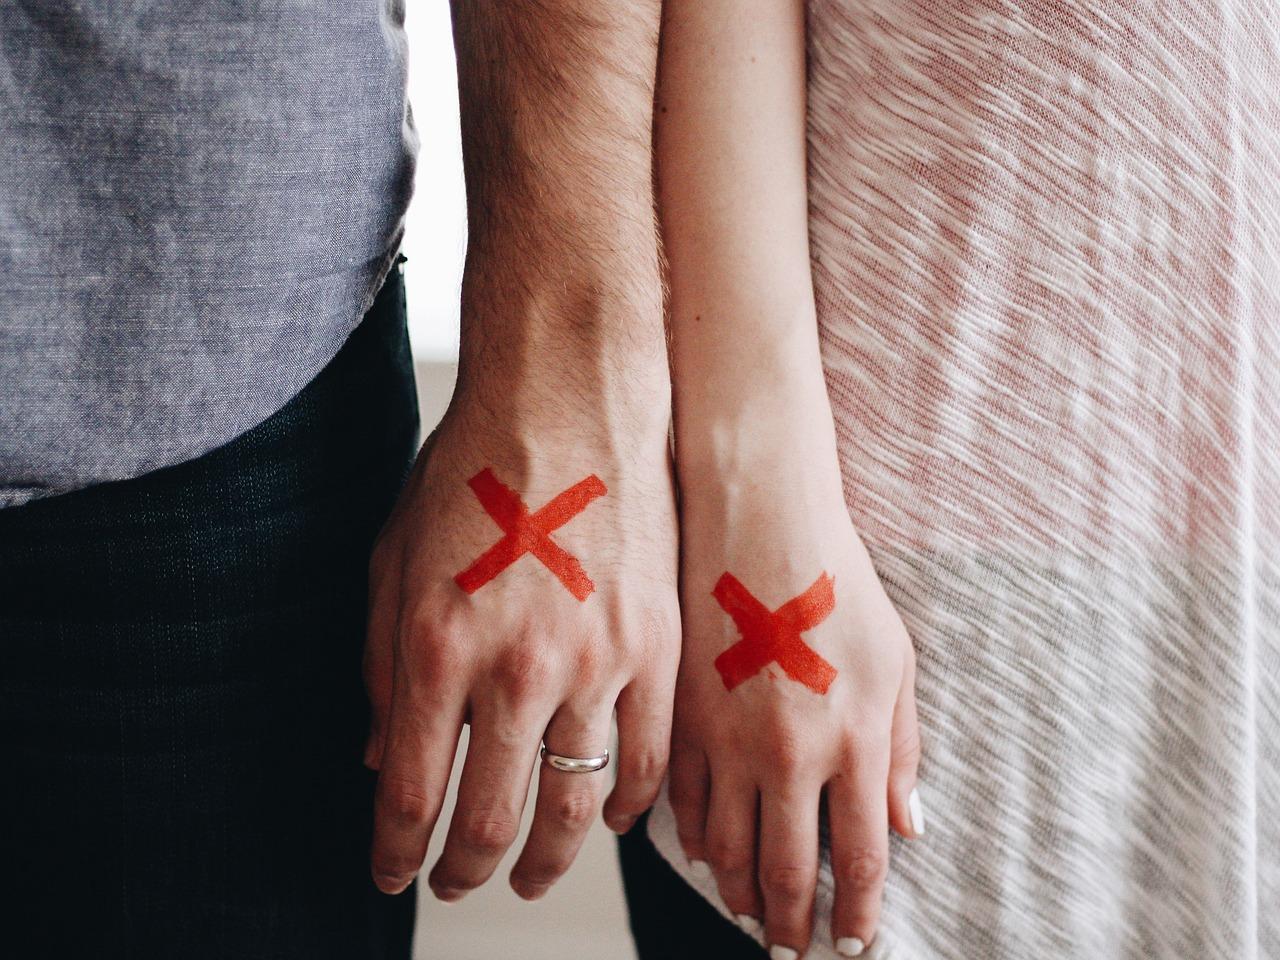 В России изменят механизм раздела имущества при разводе